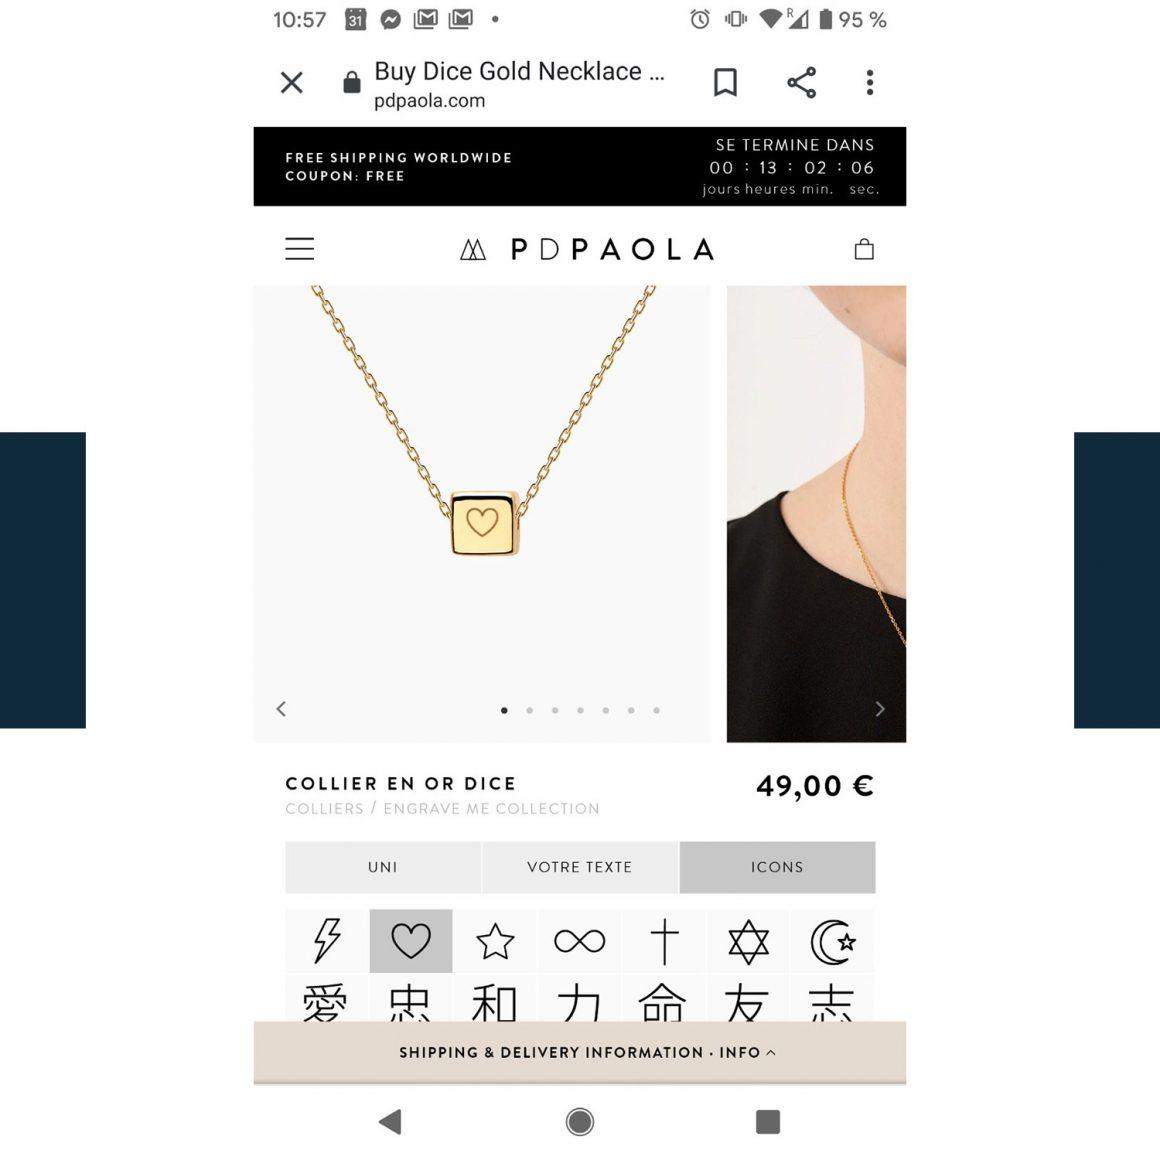 Capture d'écran d'un collier sur PDPAOLA